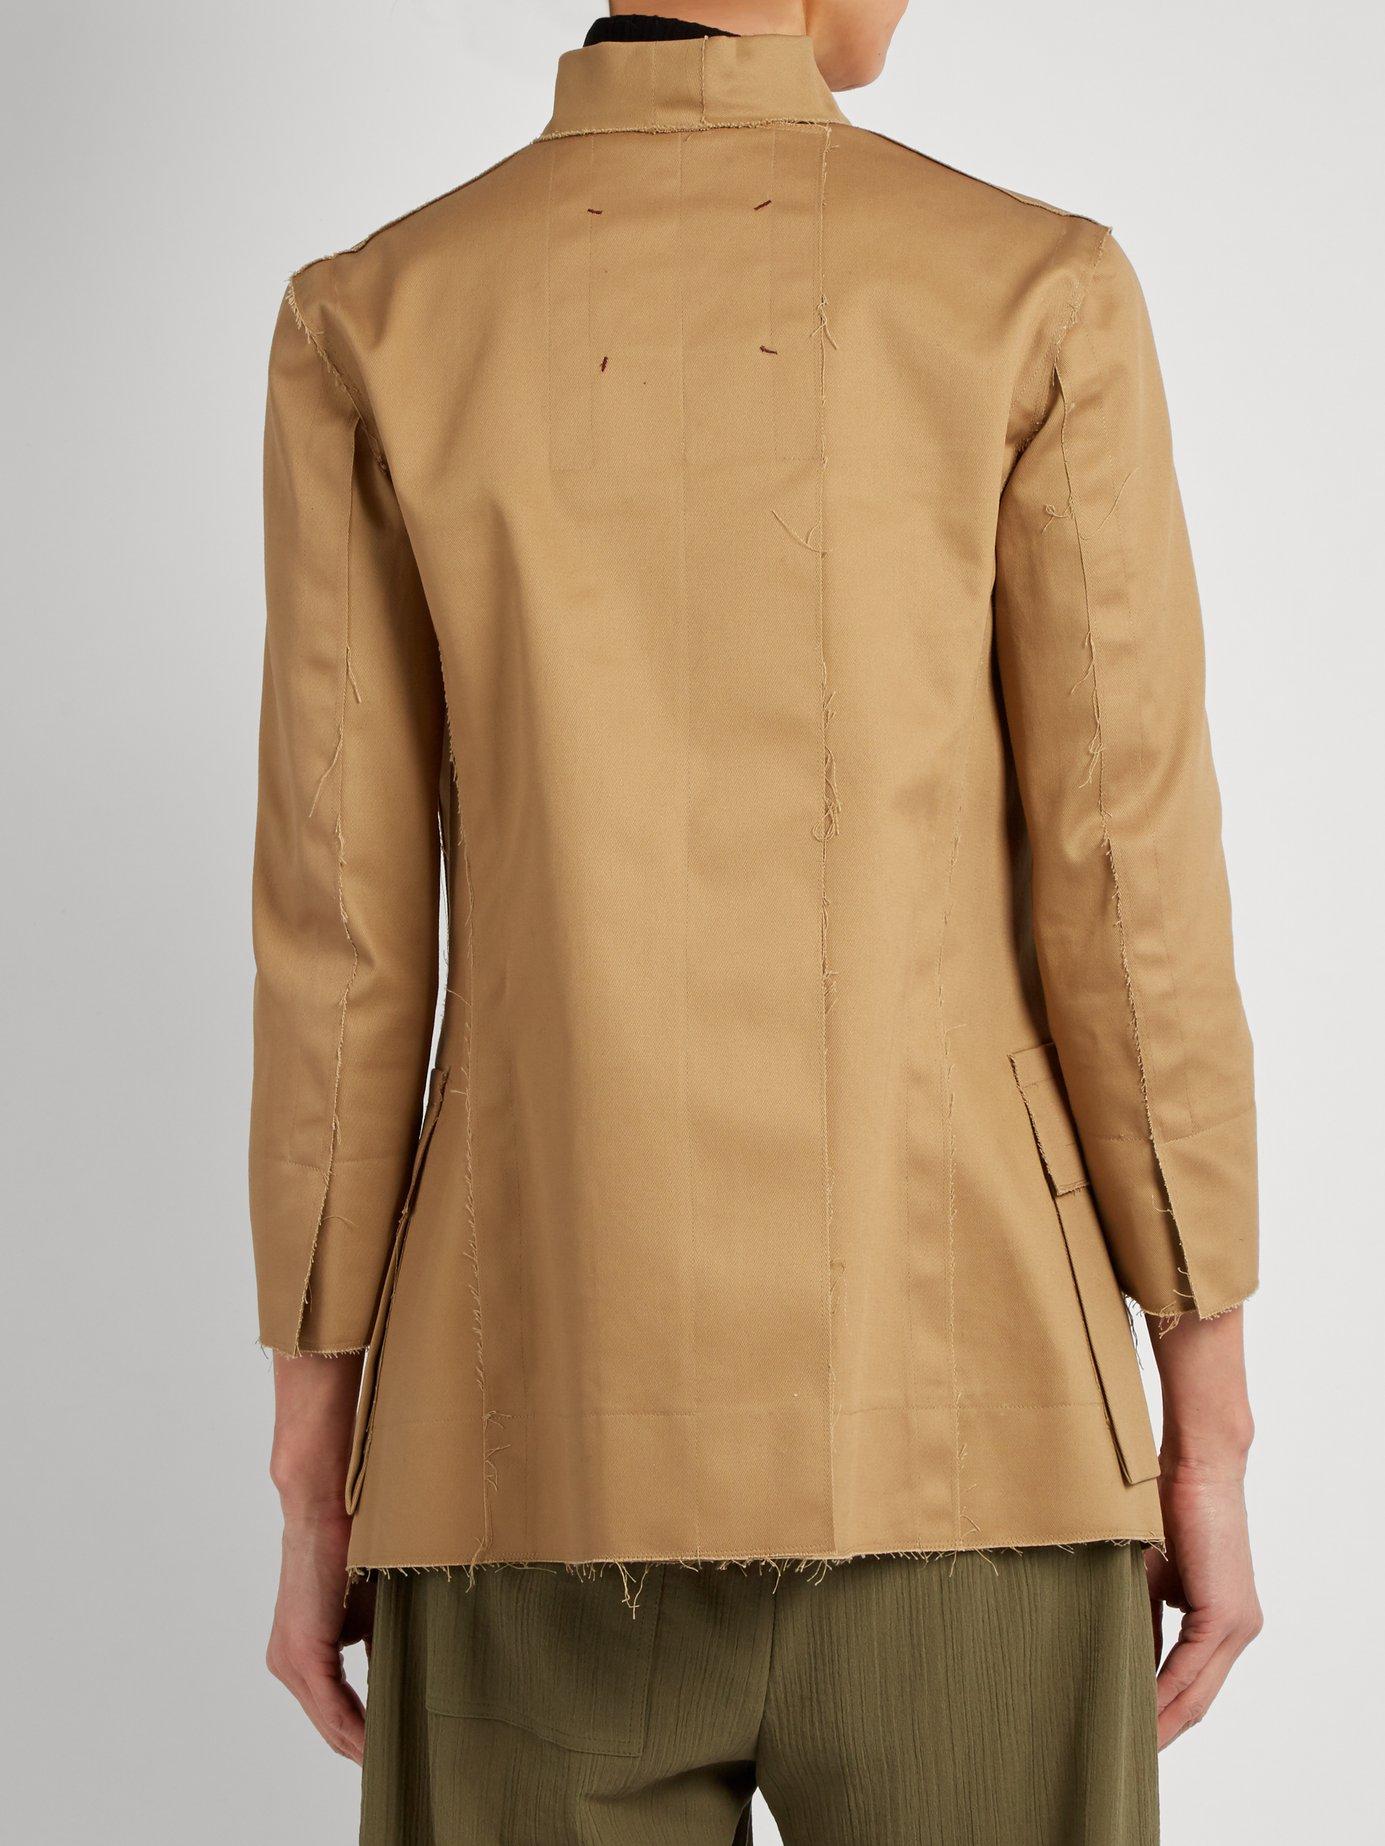 Raw-edge cotton-blend jacket by Mafalda Von Hessen